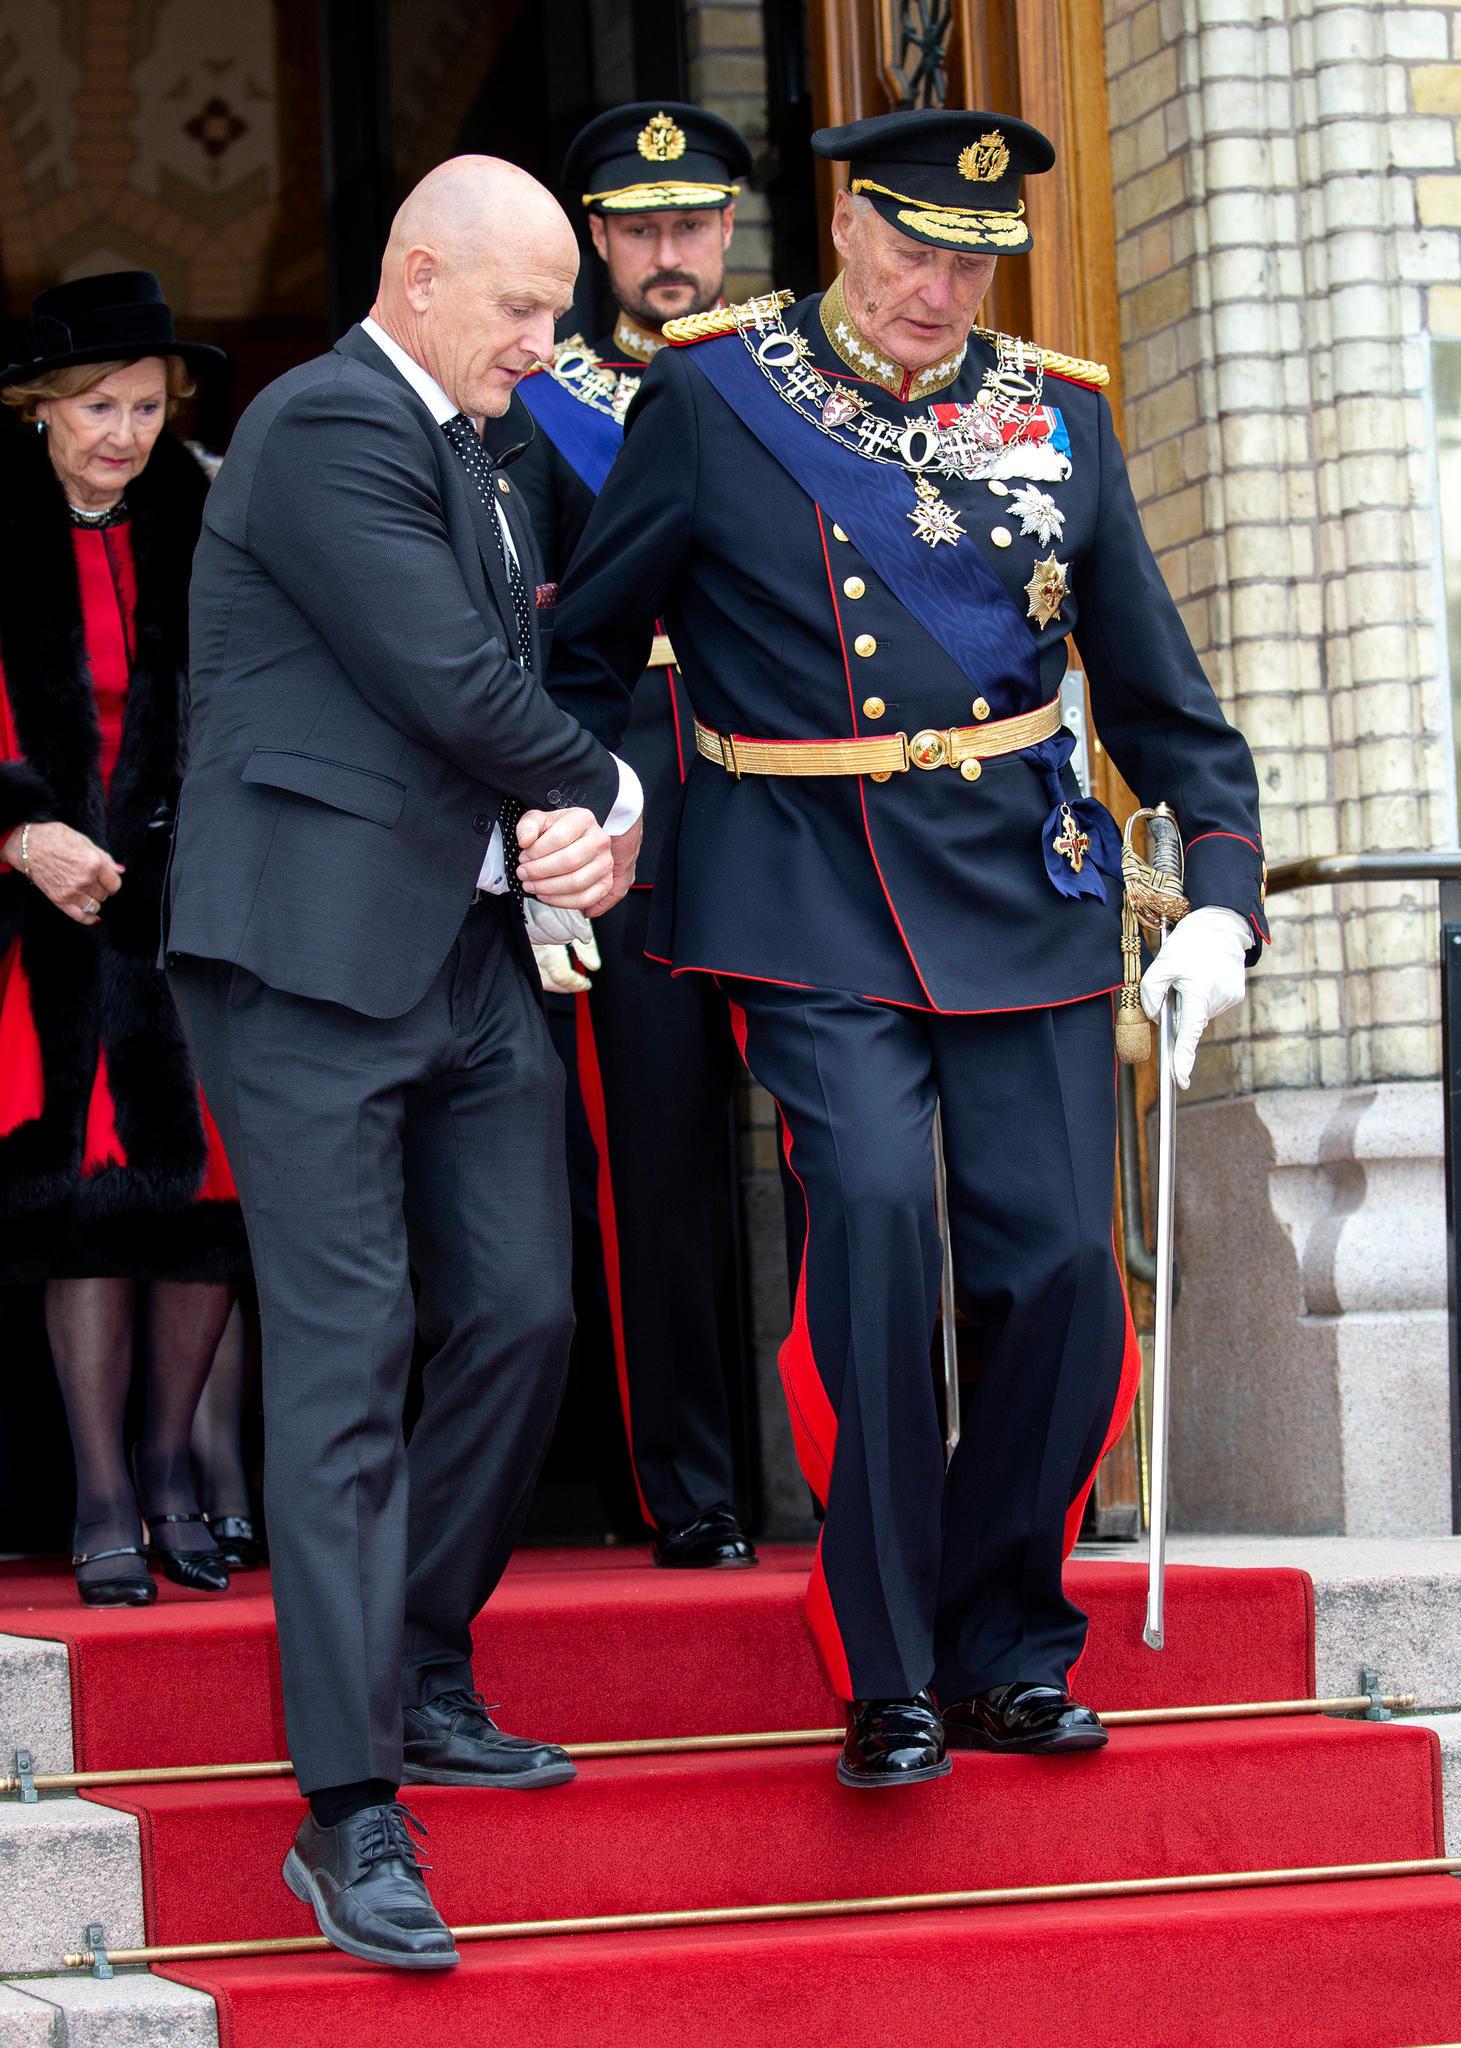 König Harald wird gestützt, hinter ihn gehen Königin Sonja undPrinz Haakon. Das Foto entstand im Oktober 2019.